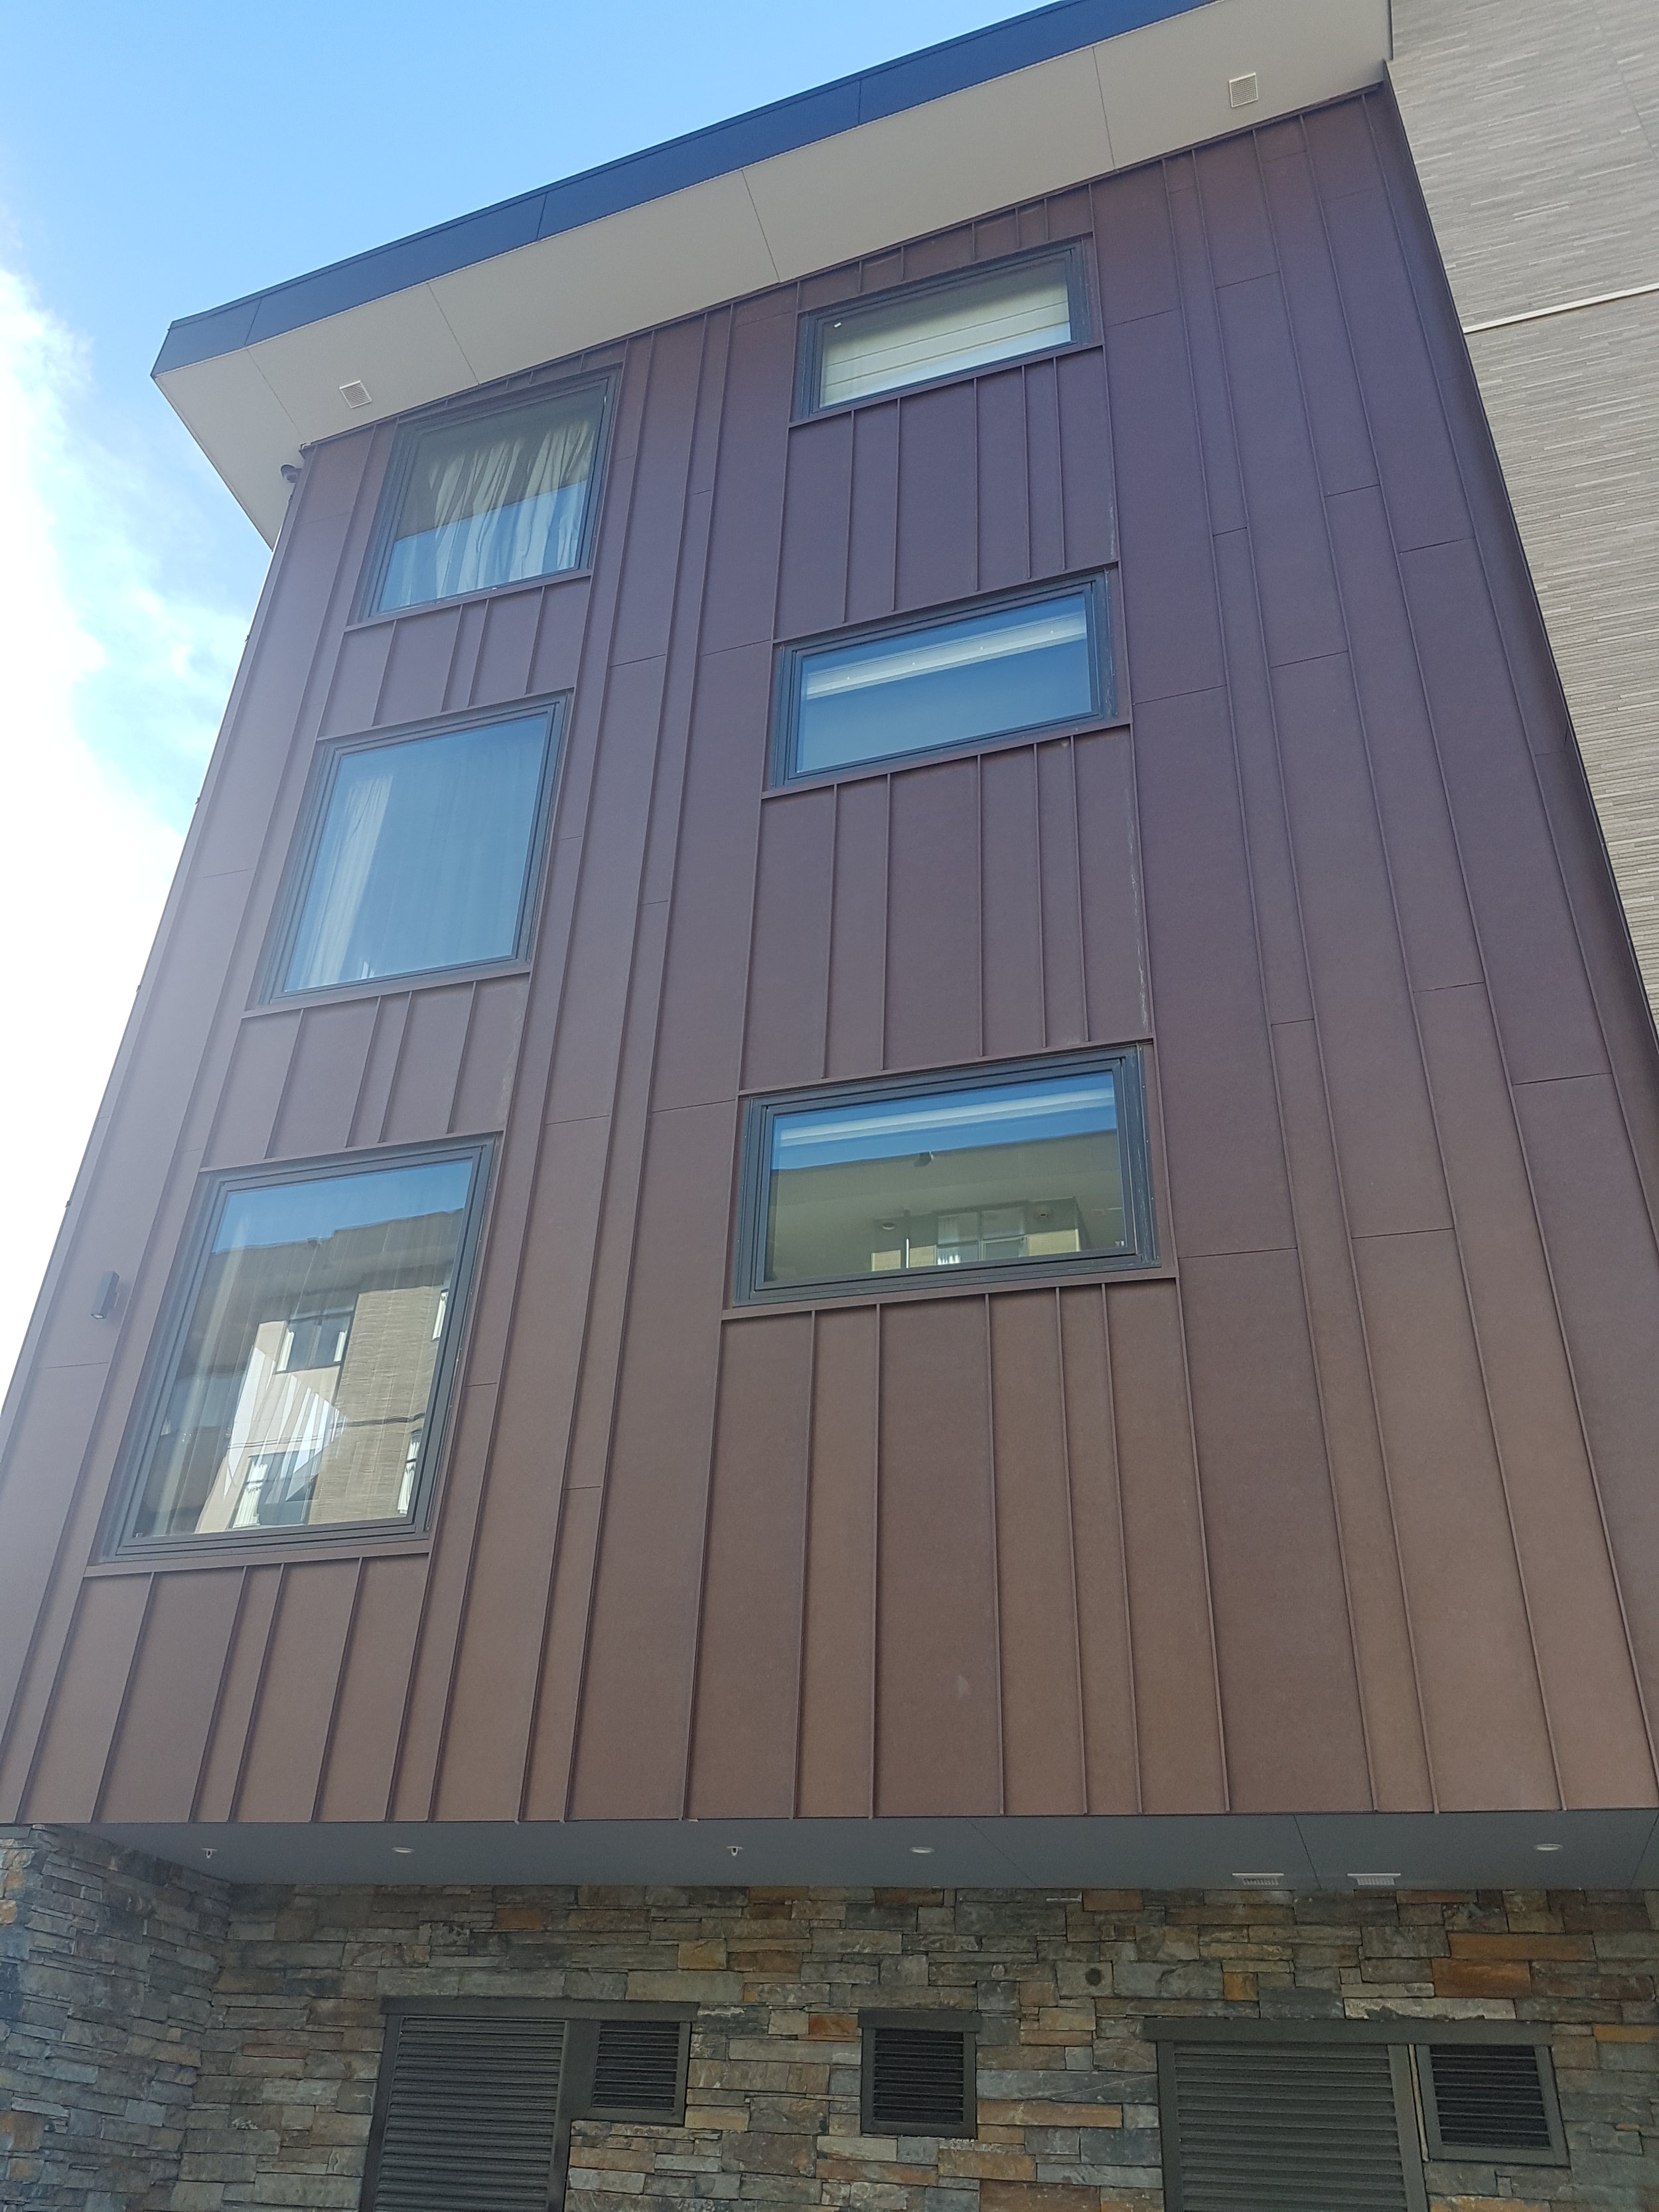 The-Roofing-Store-Steel-Metal-Standing-Seam-1.jpg.jpg